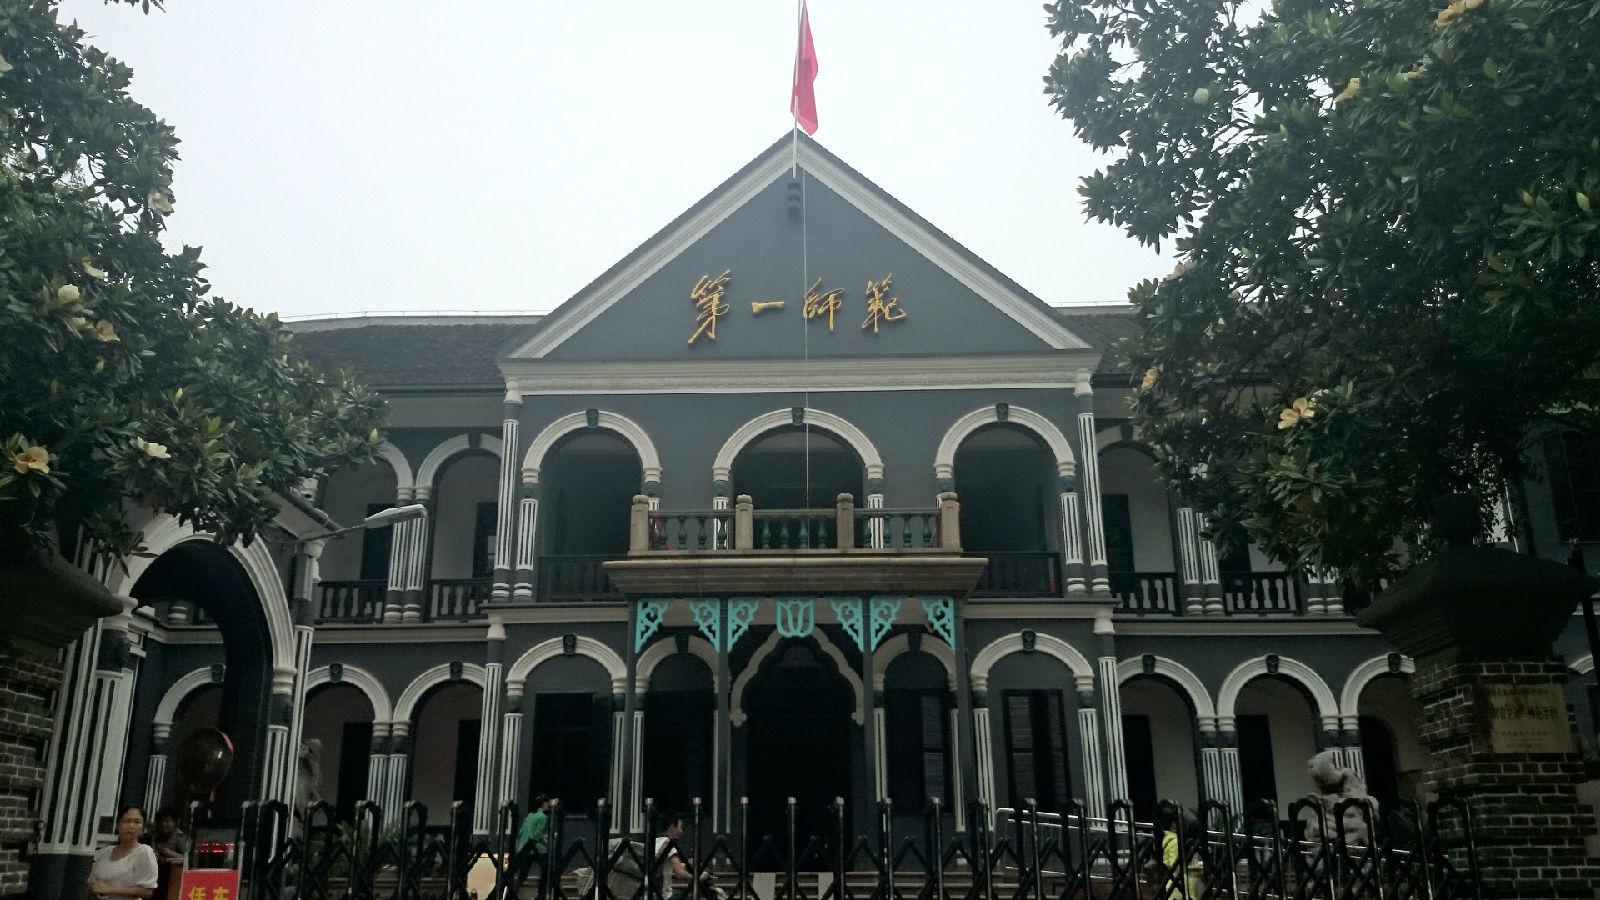 湖南第一师范学院_湖南省立第一师范学校伟人学习过的地方